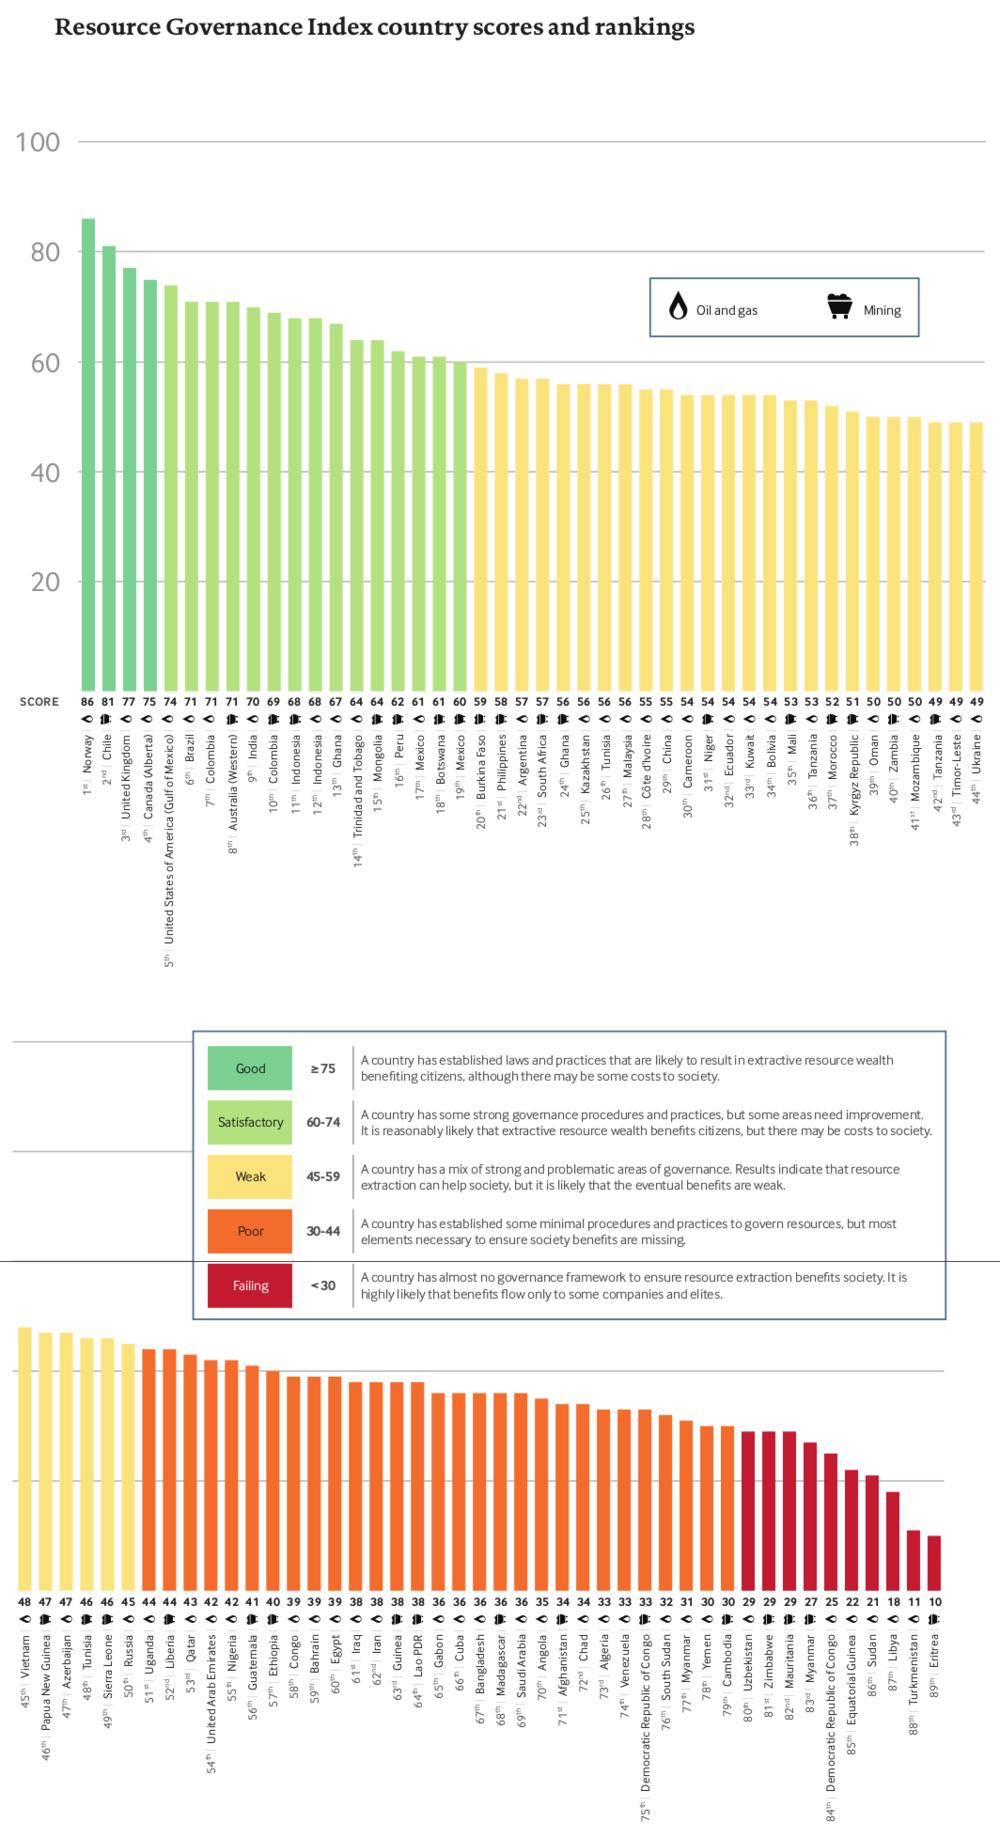 Кыргызстан занял 38 место в рейтинге NRGI по эффективному использованию и распределению ресурсов